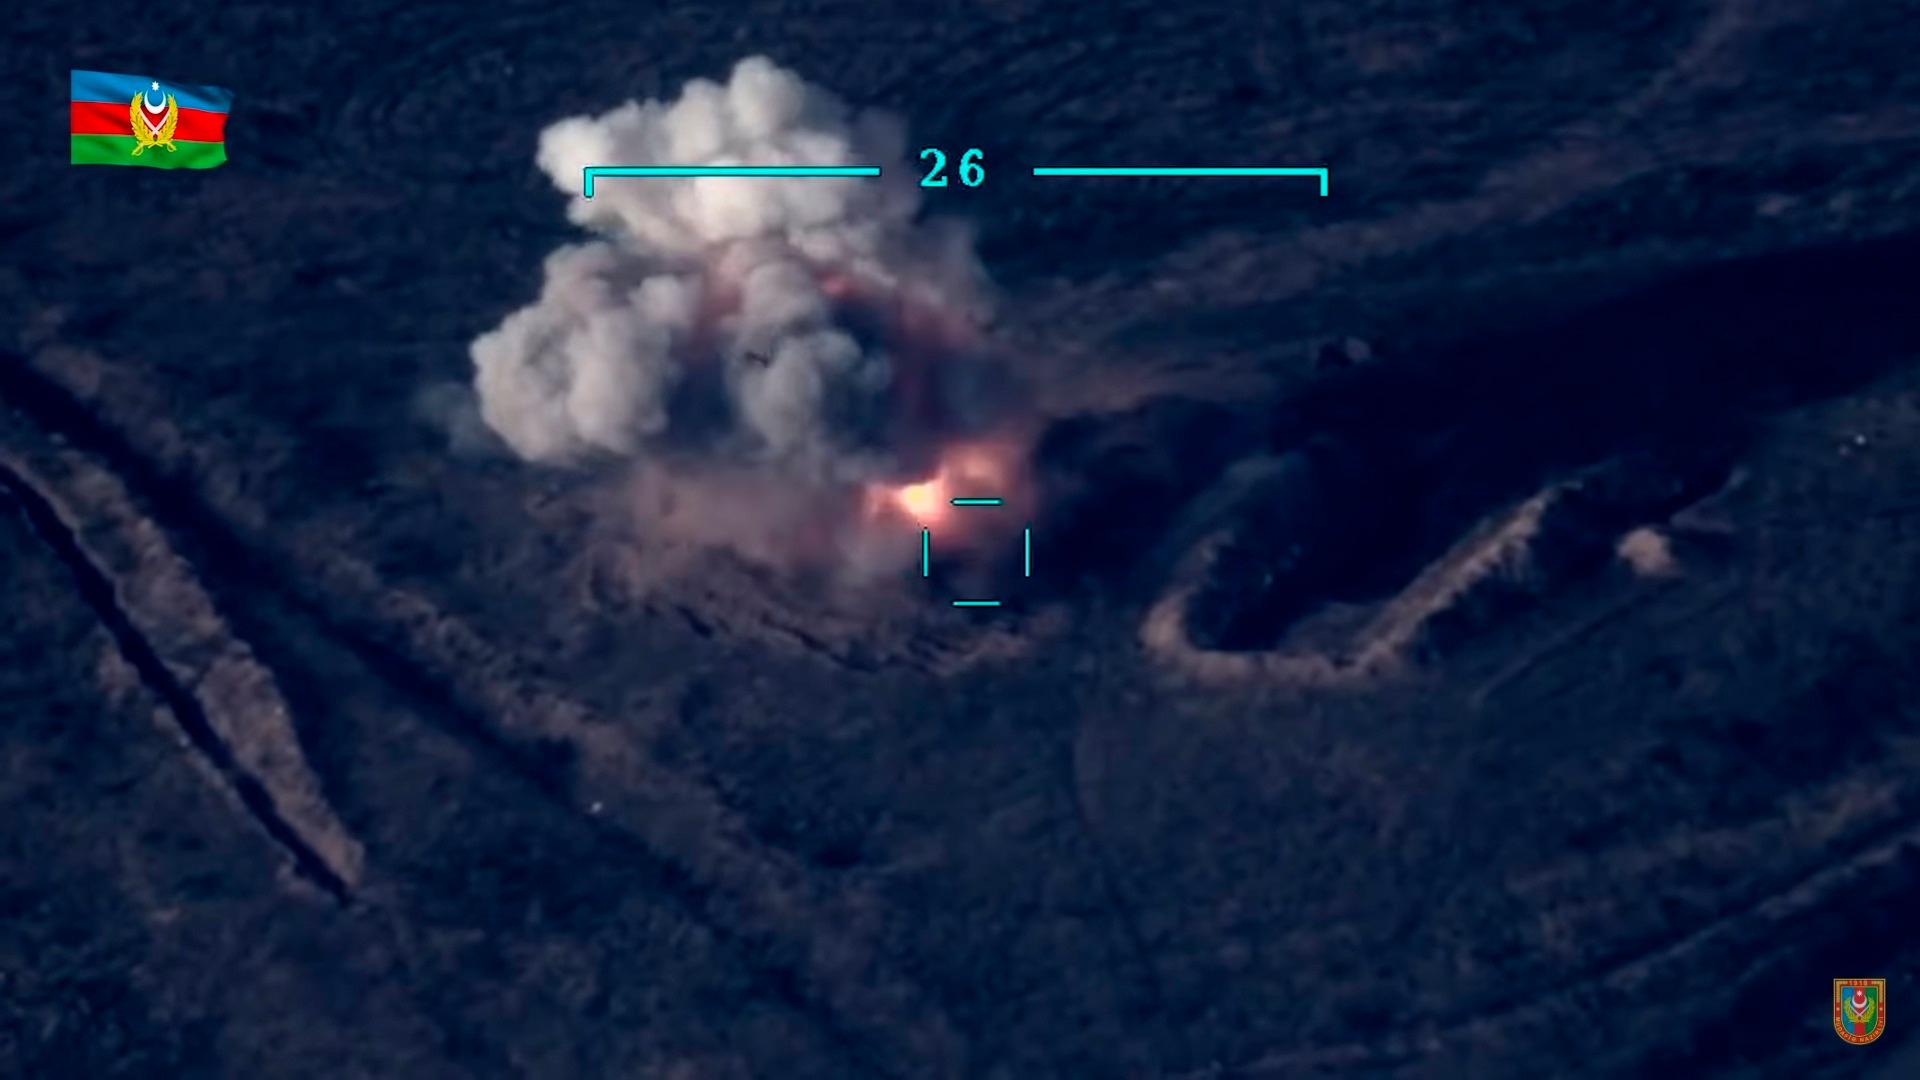 El balance podría ser más grave ya que los dos campos afirman haber infligido centenas de pérdidas al adversario, difundiendo en particular imágenes de blindados destruidos.